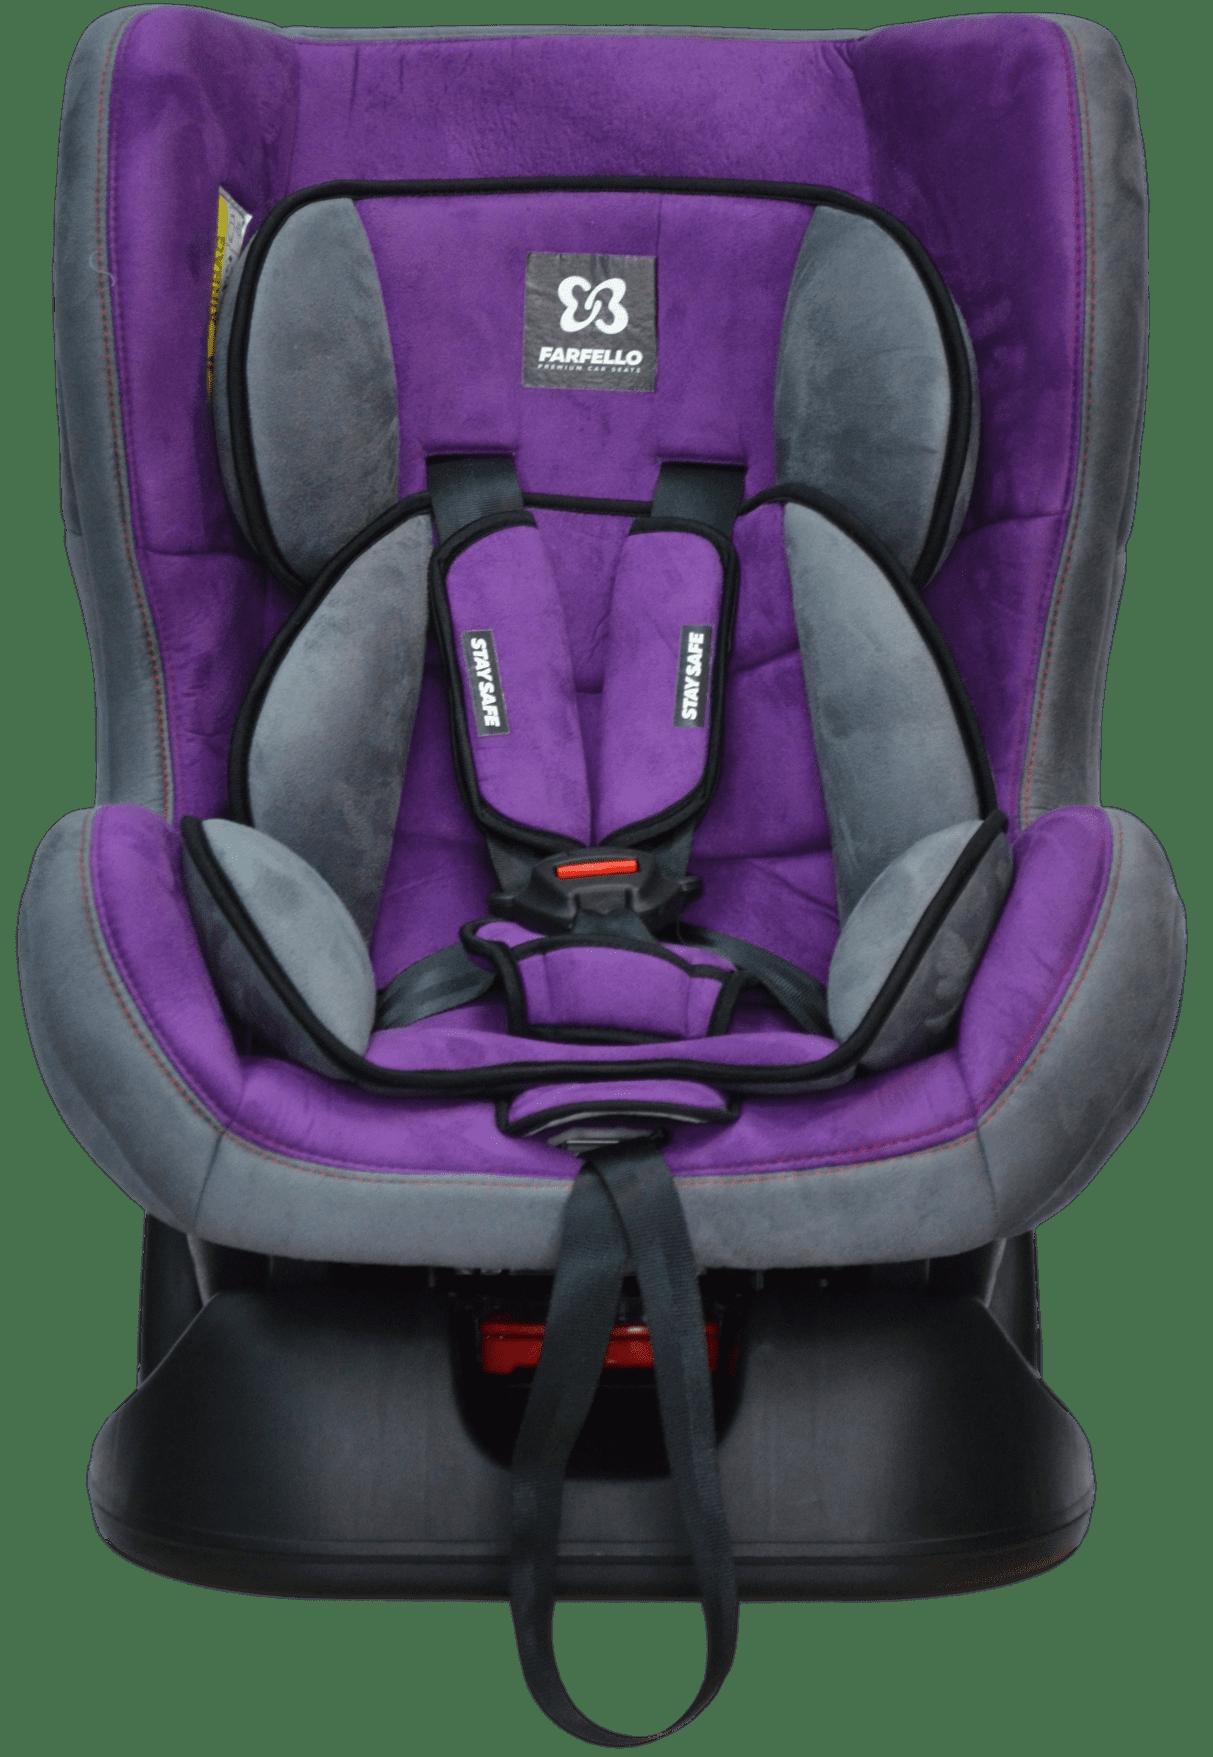 Автокресло детское Farfello, цв. серо-пурпурный GE-Bв 5